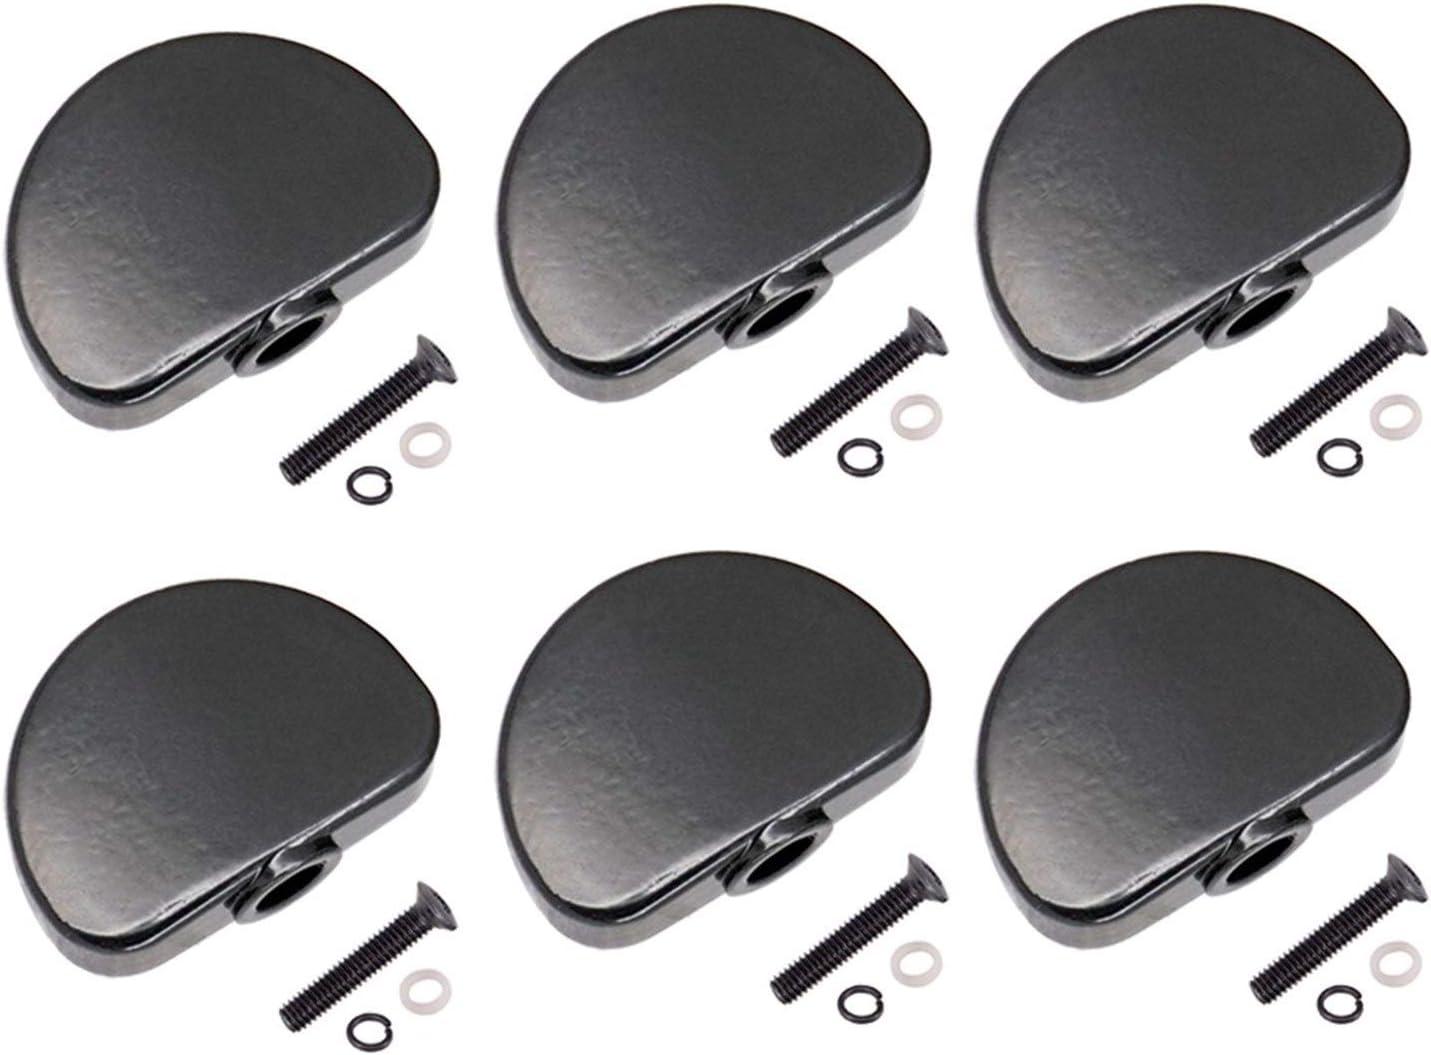 DINGGUANGHE 6 Piezas de Metal Guitarra Clavijas de afinación Heads Botones de la máquina perillas con Tornillos Kit for acústicas Guitarra Eléctrica